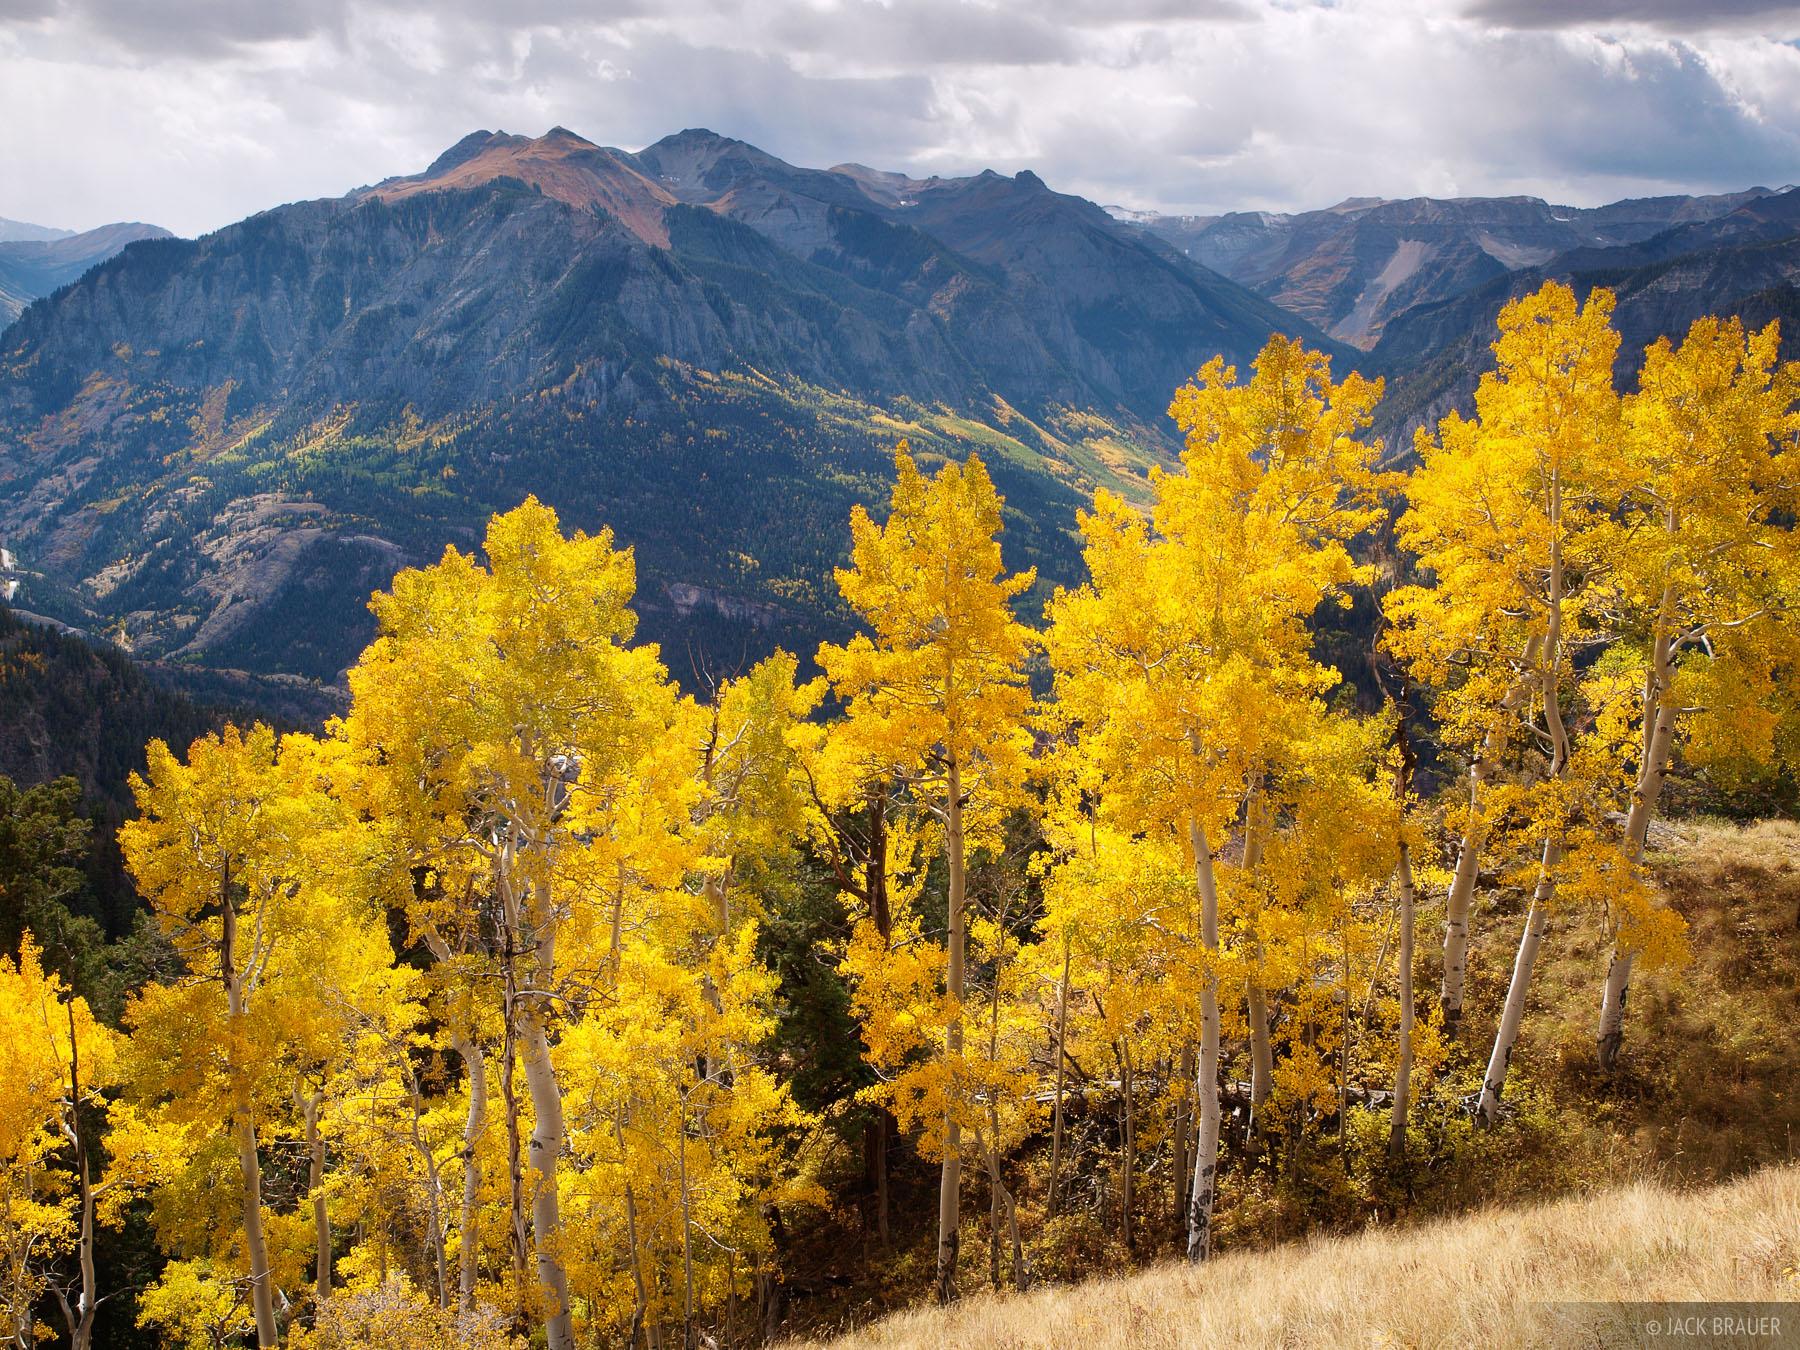 aspens, Ouray, San Juan Mountains, Colorado, September, photo